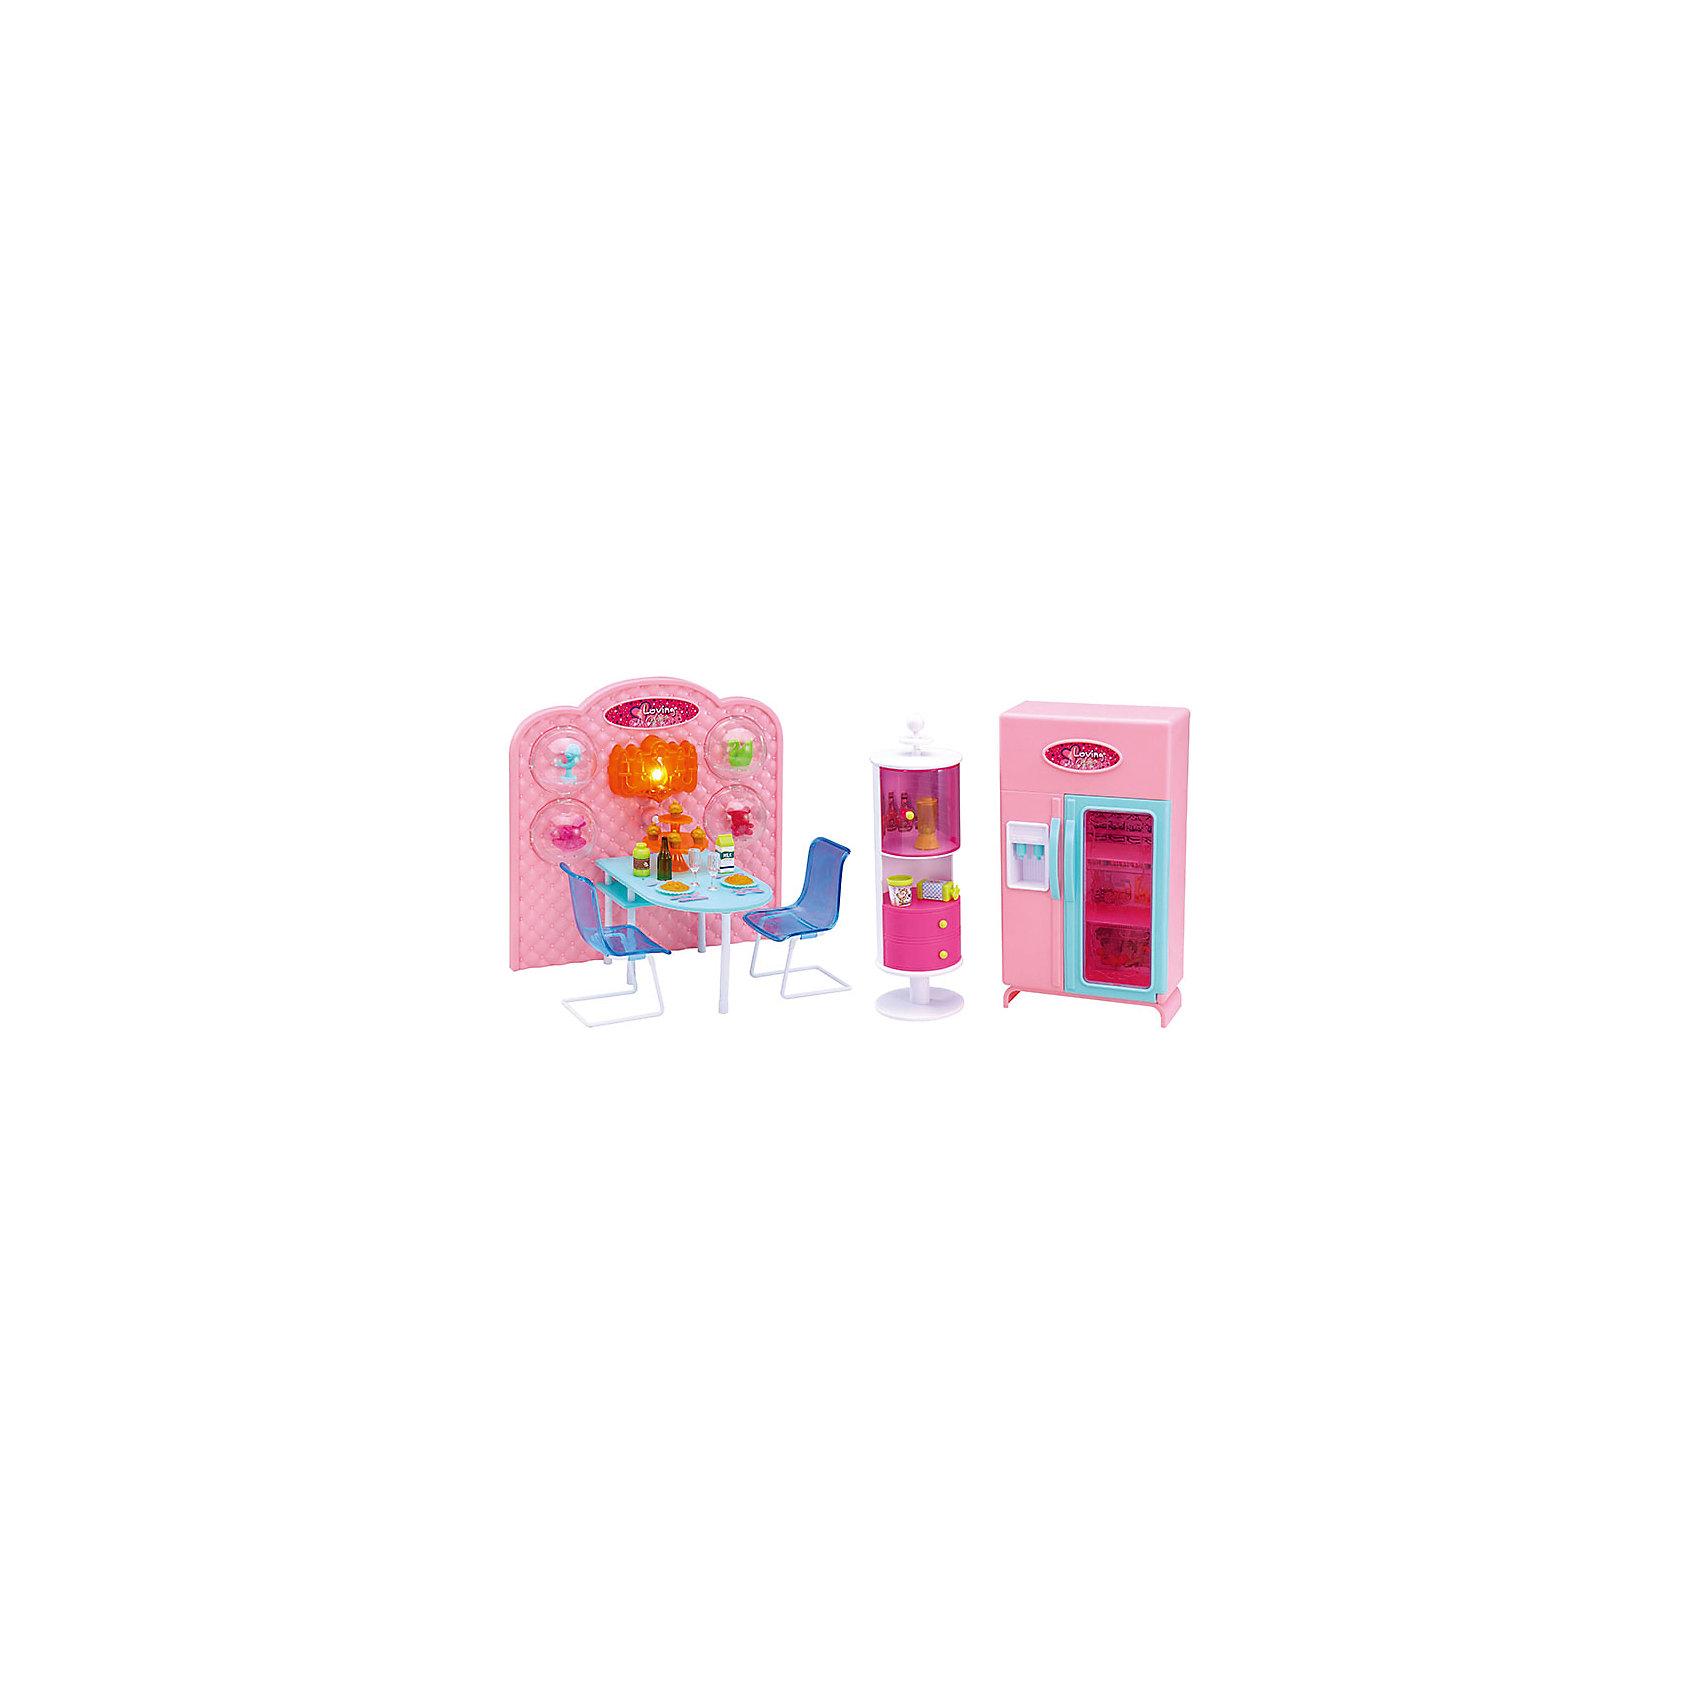 Набор мебели для кукол Уютное кафе, DollyToyОдежда для кукол<br>Характеристики товара:<br><br>• возраст от 3 лет;<br>• материал: пластик;<br>• с подсветкой (батарейки в комплекте)<br>• подходит для кукол высотой до 29 см<br>• в комплекте: стол, стулья, шкаф-витрина, холодильник, аксессуары;<br>• размер упаковки 55,4х31,8х9,5 см;<br>• вес упаковки 1,39 кг;<br>• страна производитель: Китай.<br><br>Набор мебели для кукол «Уютное кафе» DollyToy — набор аксессуаров для кукол, с которым можно придумать оригинальные сюжеты для игры. Девочка может разыграть сценку, как ее любимая куколка идет на ужин в кафе с друзьями. Подсветка кафе делает обстановку уютной. Игрушка сделана из качественного безопасного пластика.<br><br>Набор мебели для кукол «Уютное кафе» DollyToy можно приобрести в нашем интернет-магазине.<br><br>Ширина мм: 554<br>Глубина мм: 318<br>Высота мм: 95<br>Вес г: 1390<br>Возраст от месяцев: 36<br>Возраст до месяцев: 72<br>Пол: Женский<br>Возраст: Детский<br>SKU: 5581267